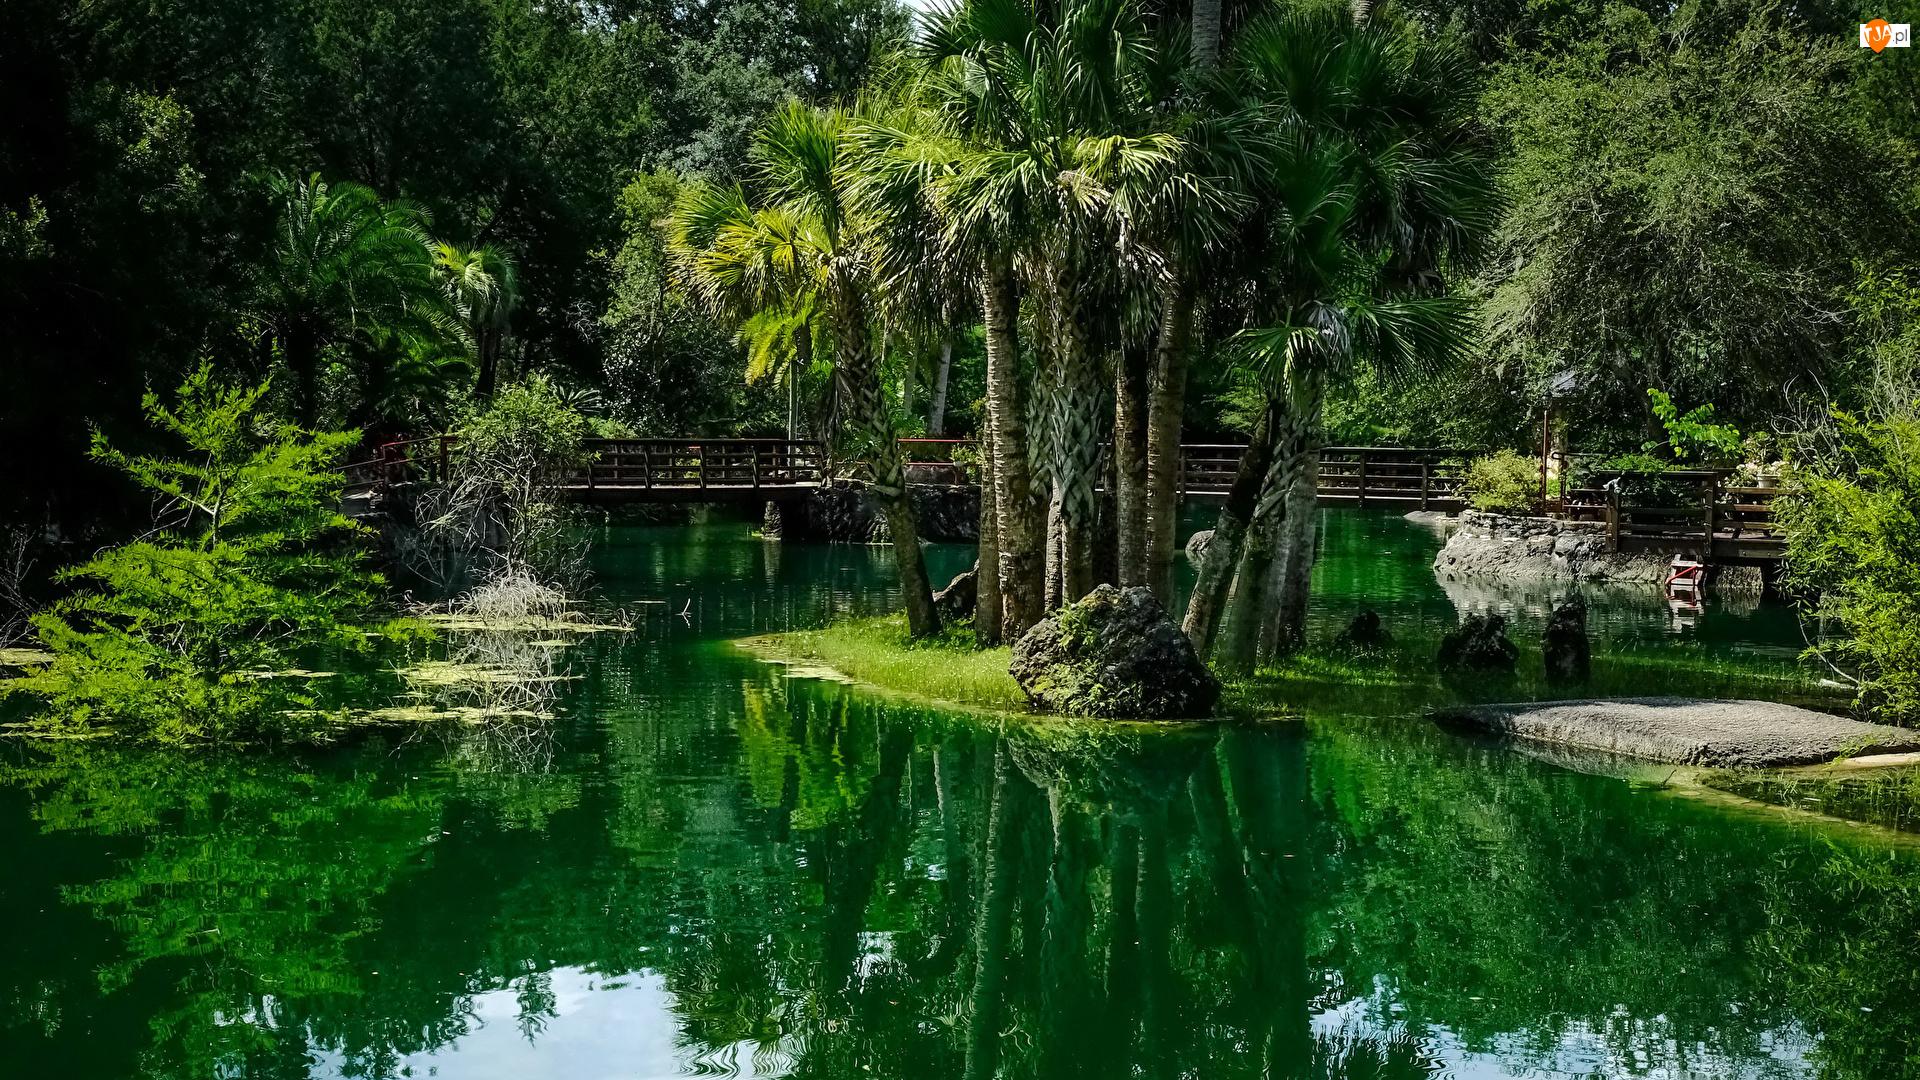 Ogród, Staw, Stany Zjednoczone, Ogród botaniczny Cedar Lakes Woods and Gardens, Stan Floryda, Mostek, Palmy